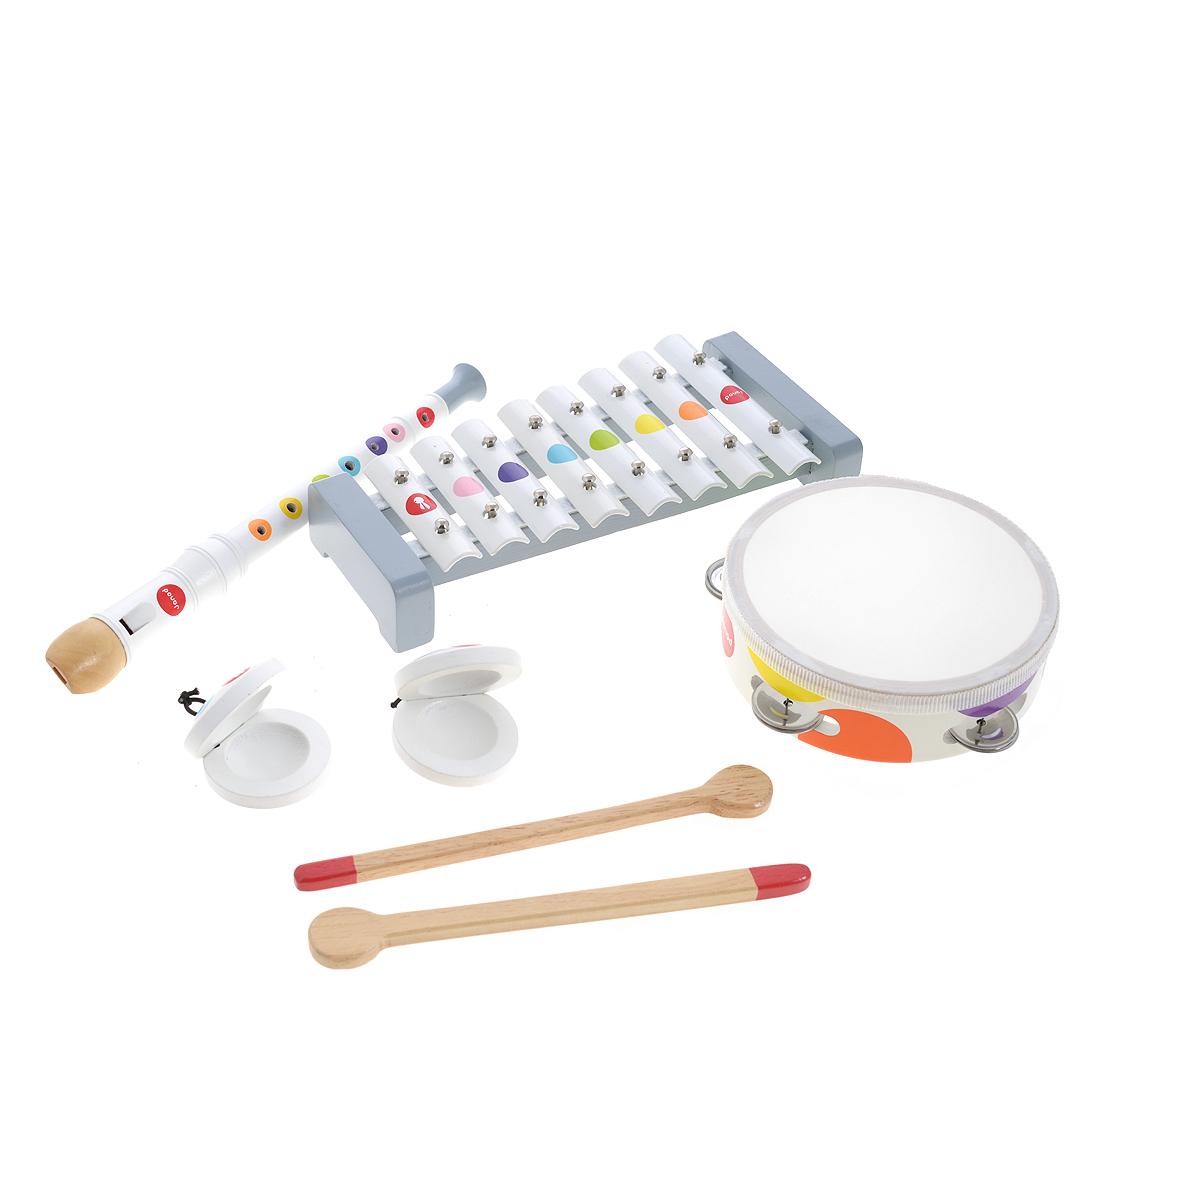 Janod Набор музыкальных инструментов Confetti 4 предмета - Музыкальные инструменты